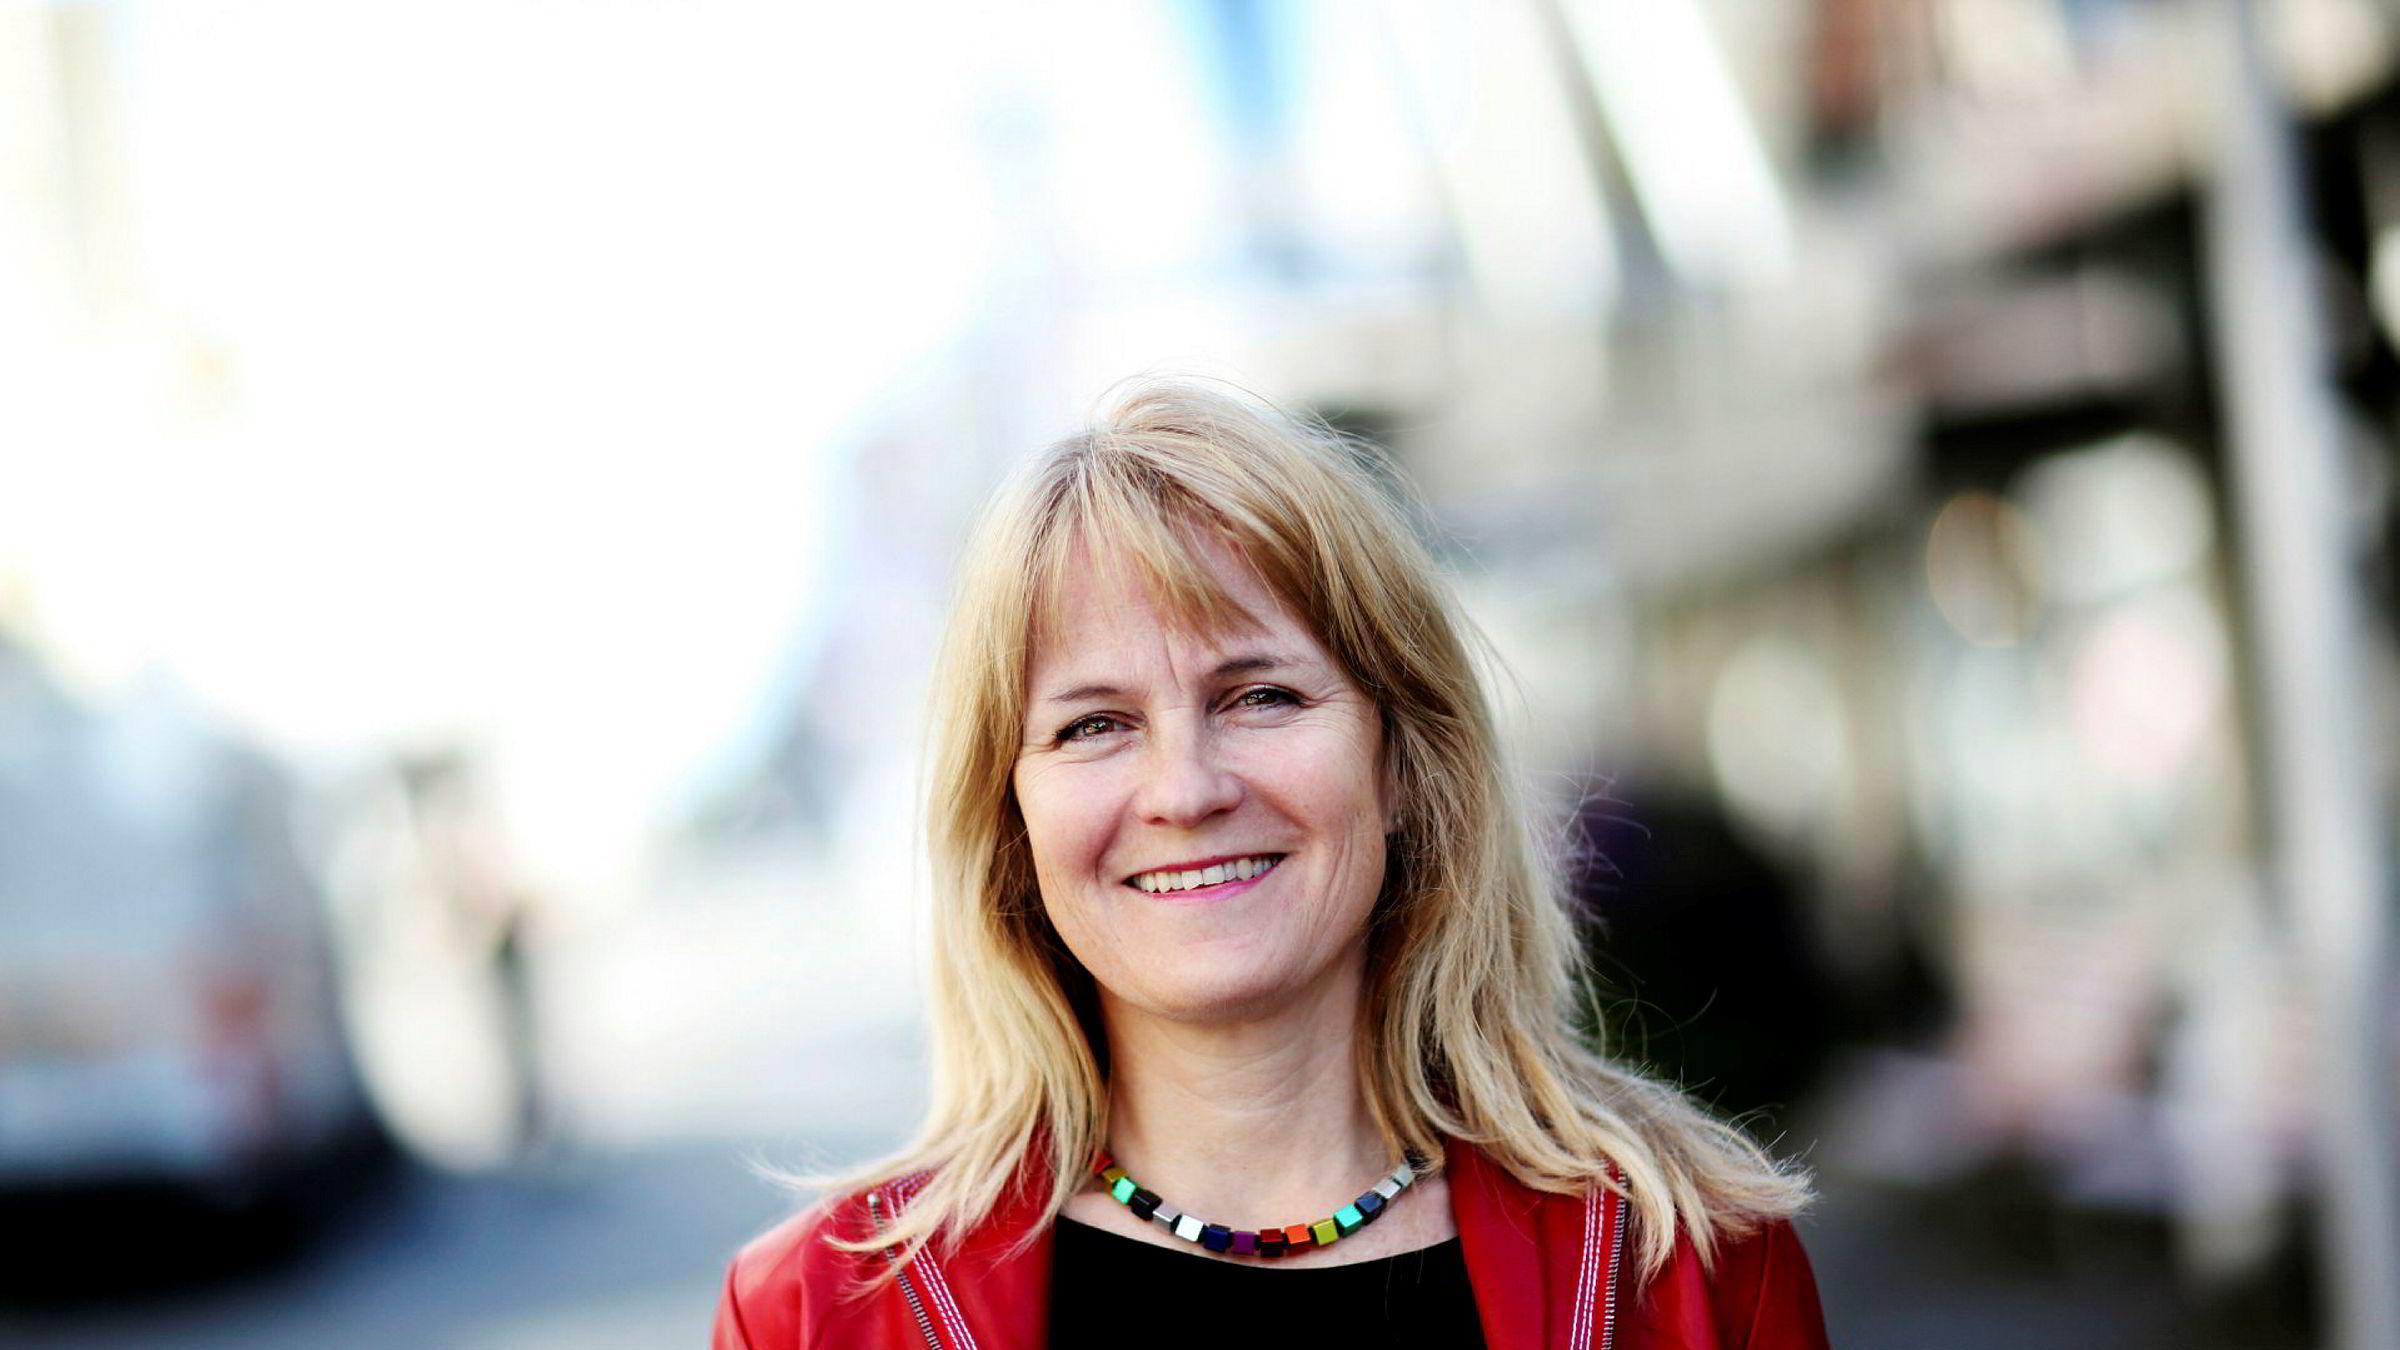 Gründer Eli Sævareid gjør suksess som barnehageeier, men regnskapet for i fjor viser at hun tapte 241 millioner kroner.